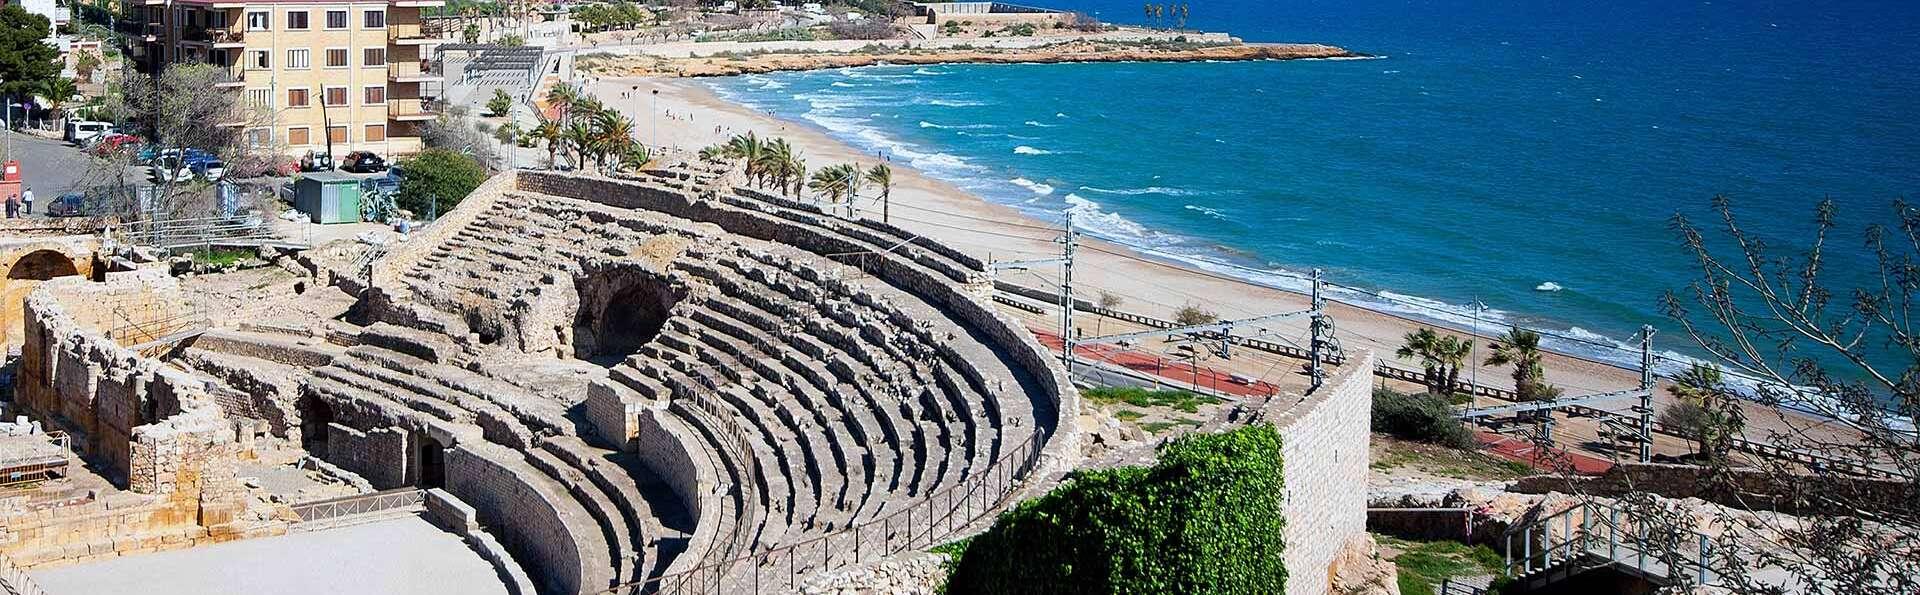 Descubre la maravillosa ciudad de Tarragona en un hotel cerca de la playa